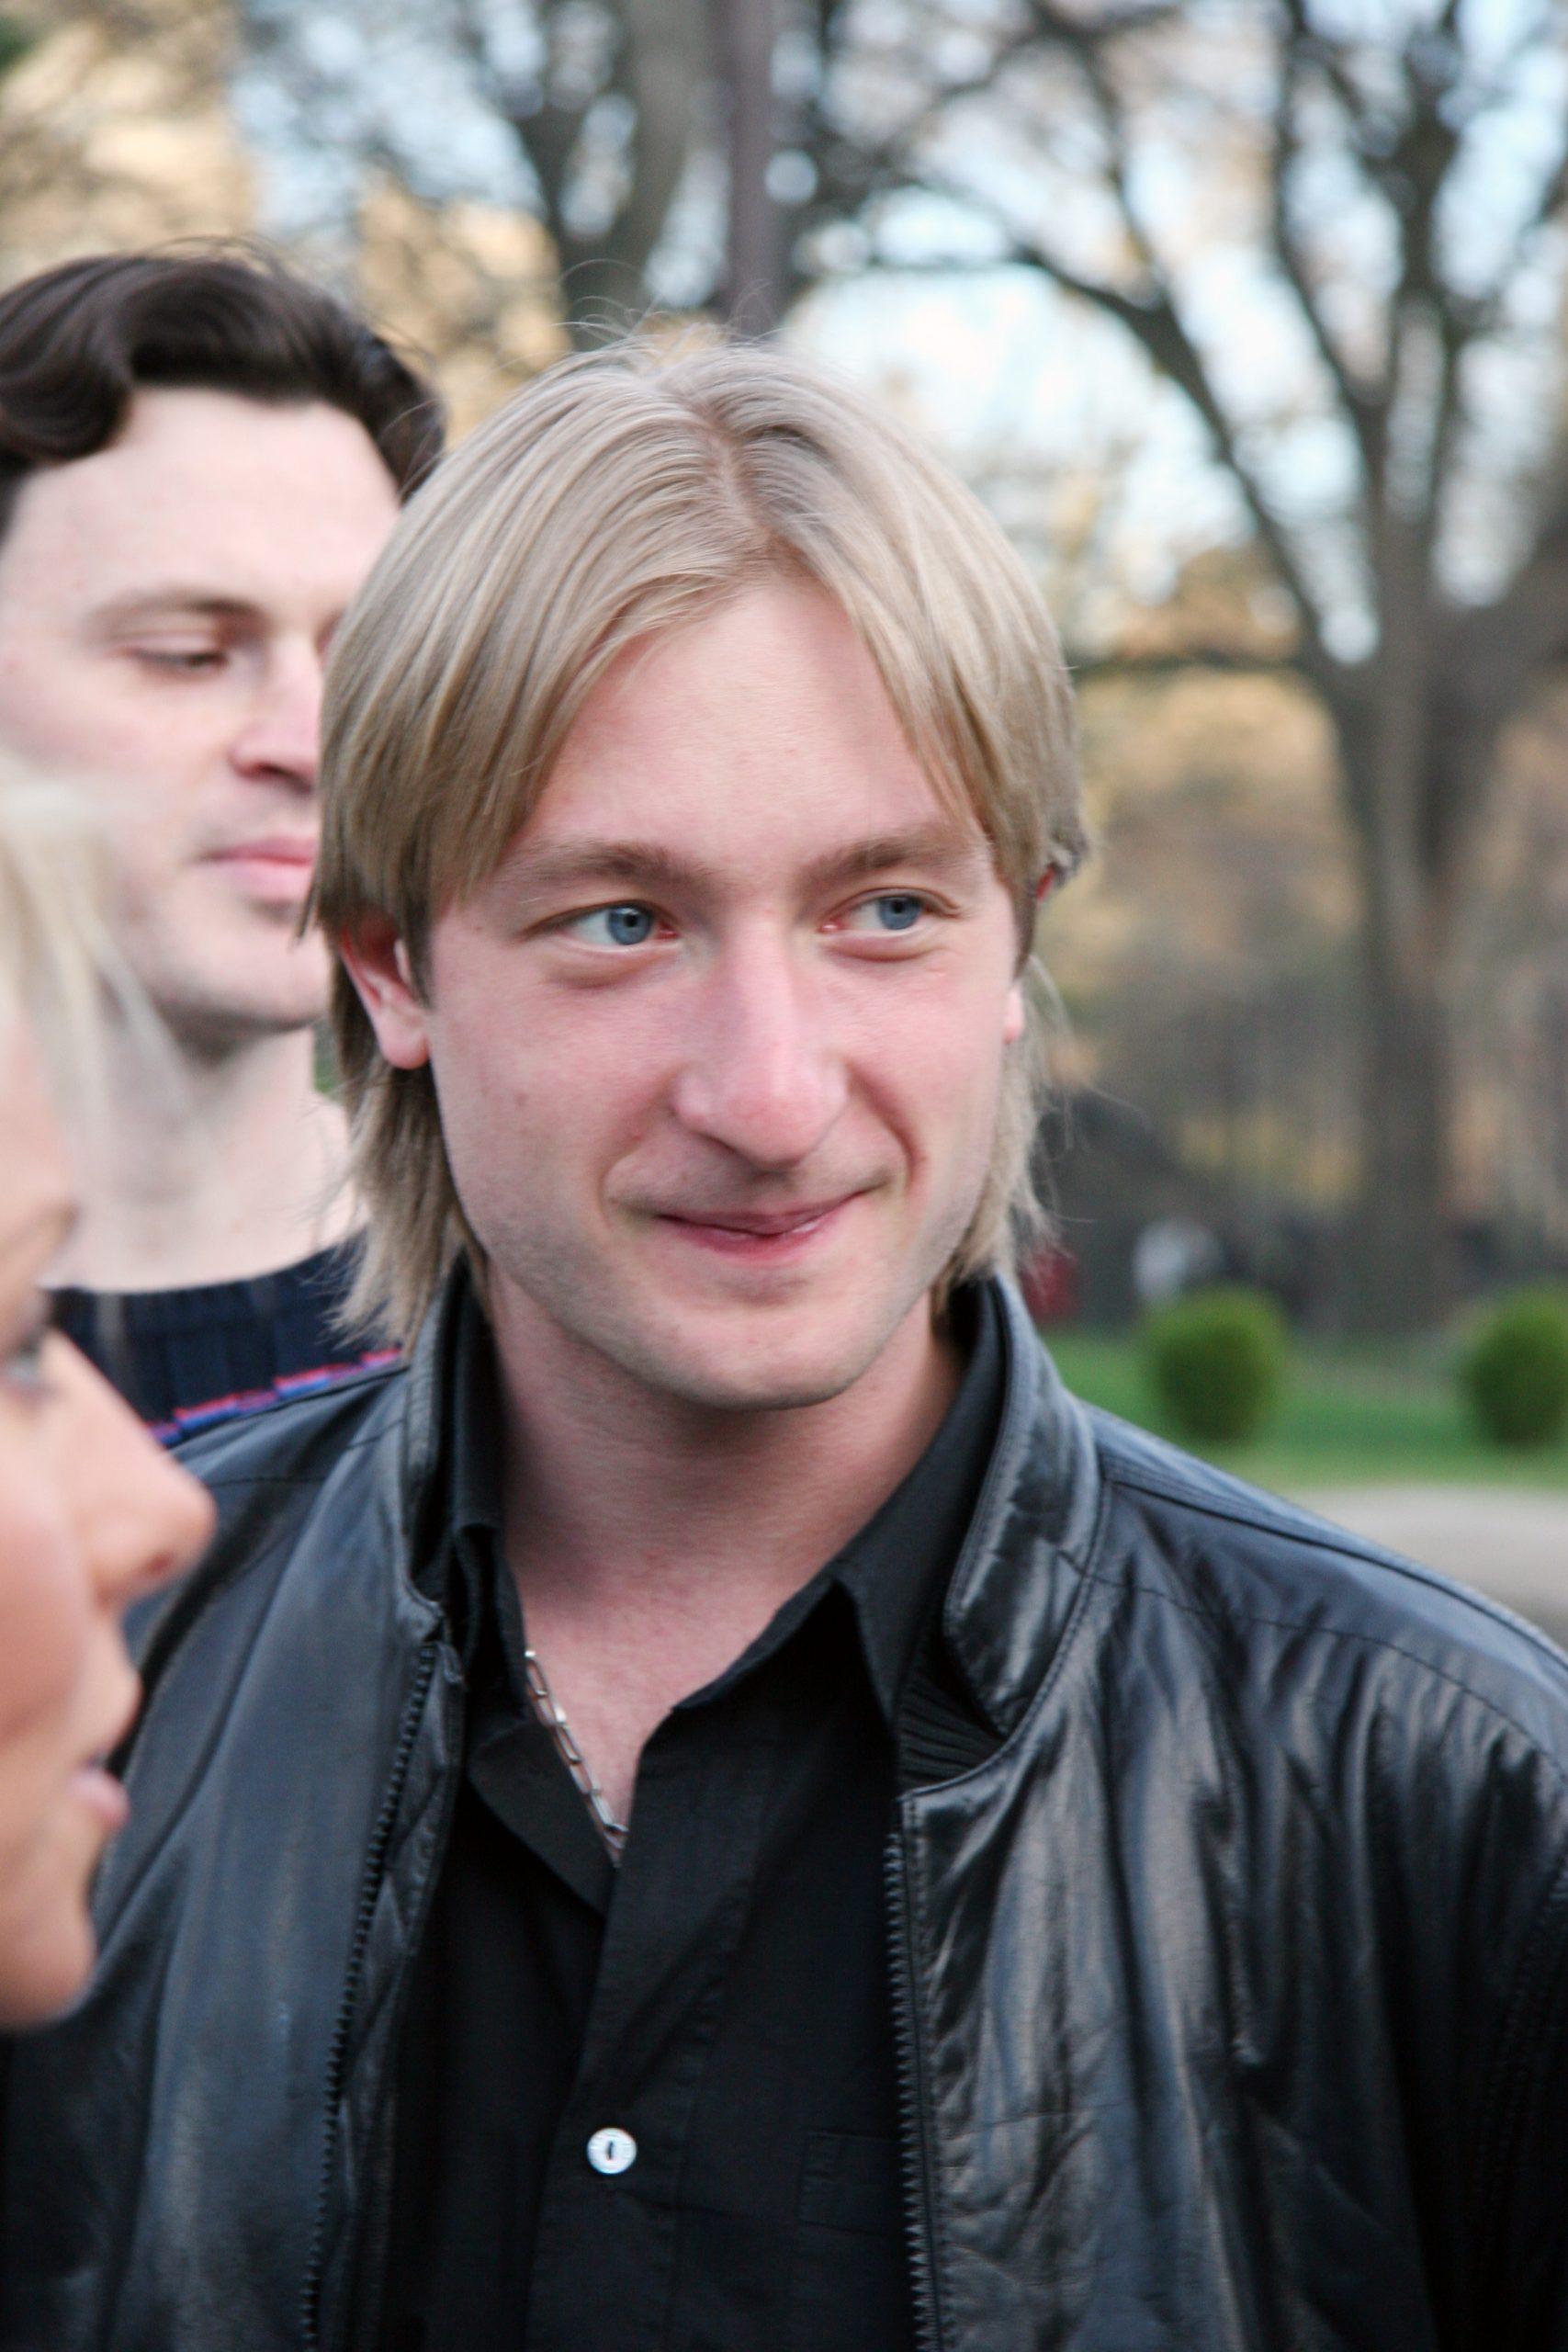 Evgeni Plushenko 2006